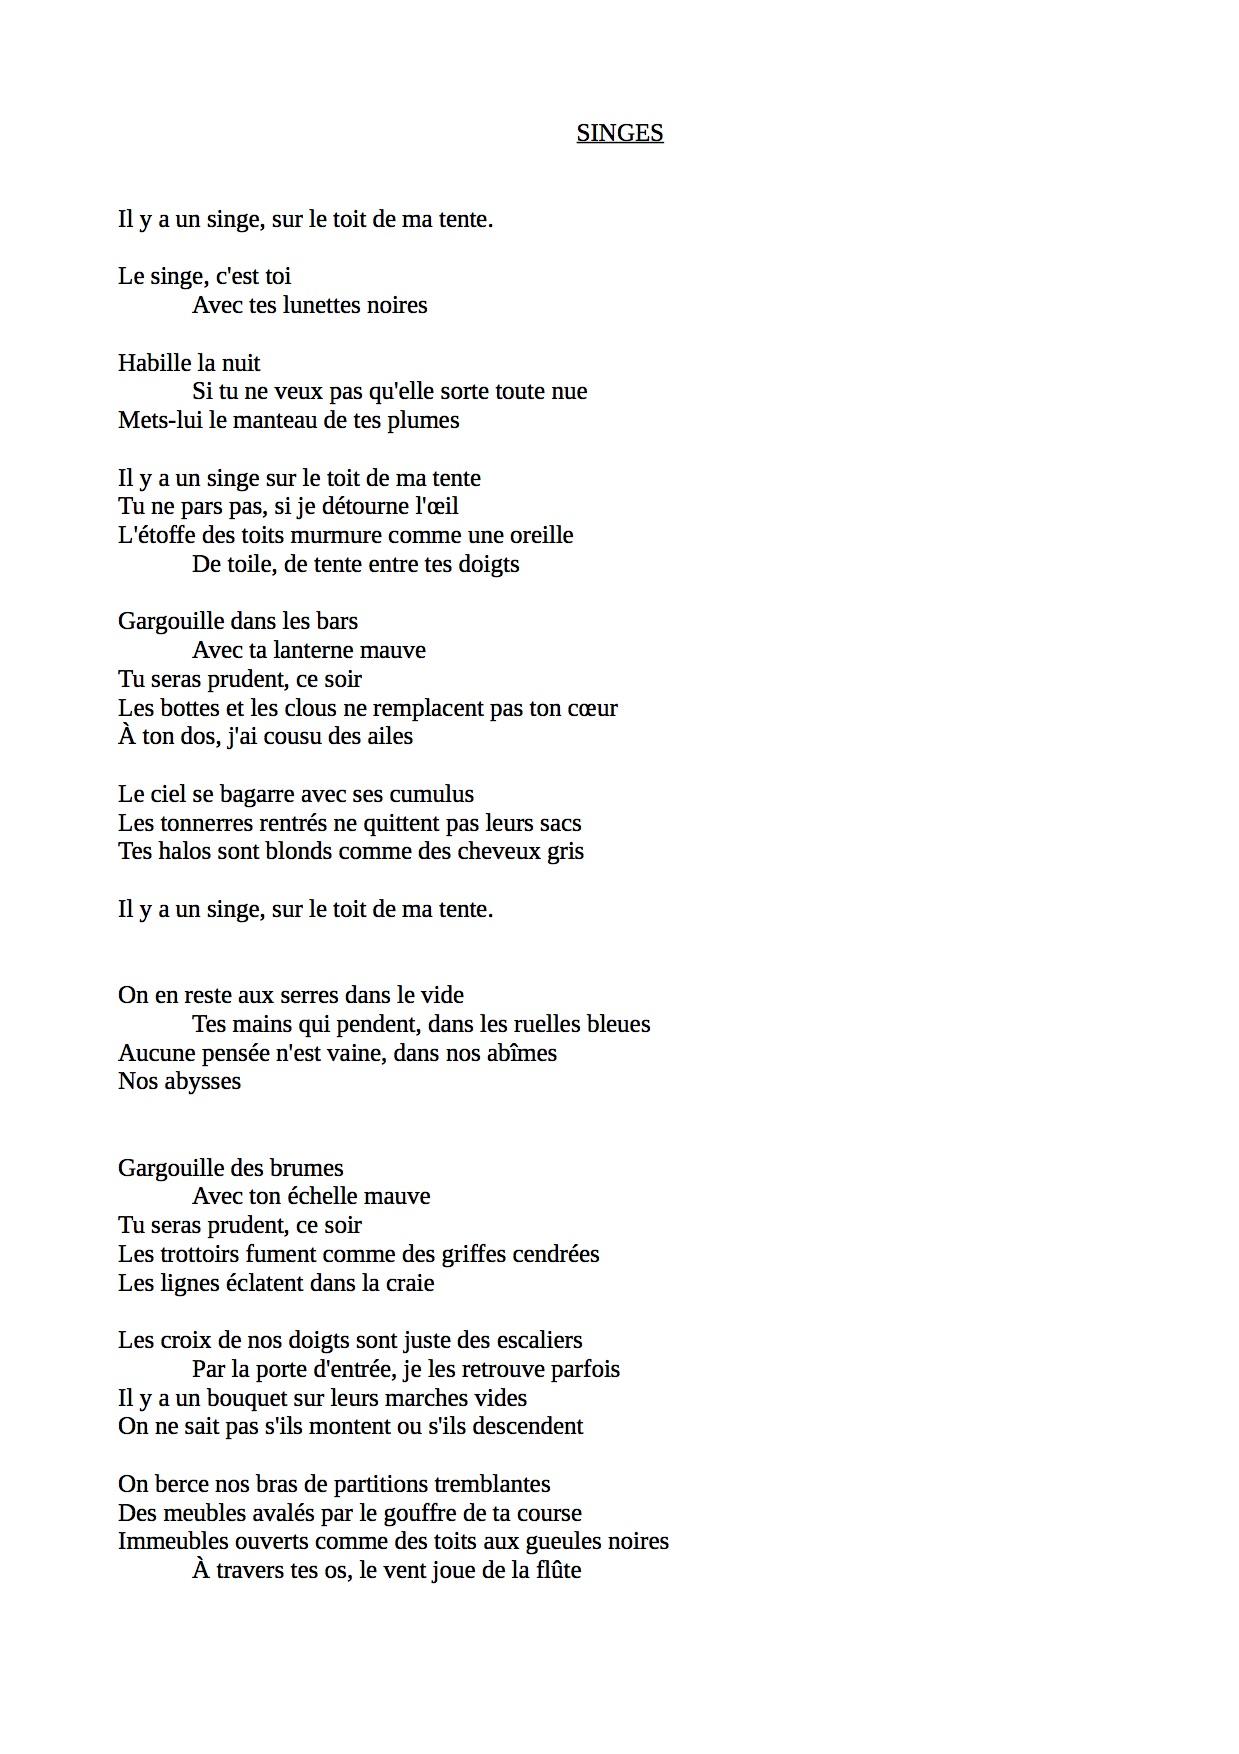 Singes (1)